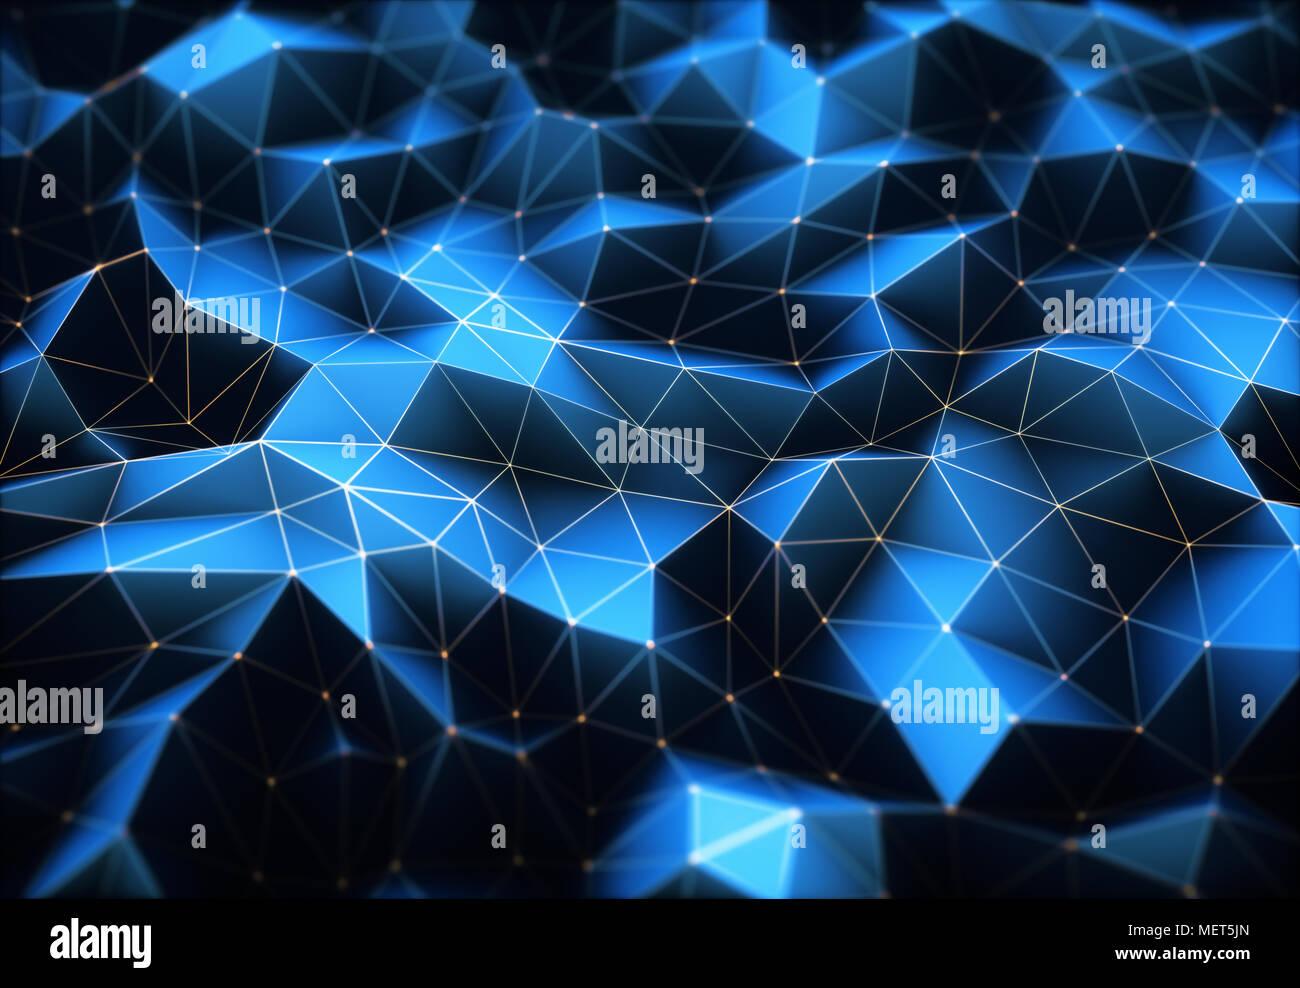 3D illustration. Image abstraite, les connexions dans les lignes et formes géométriques. Notion de technologie pour l'utiliser comme arrière-plan. Photo Stock